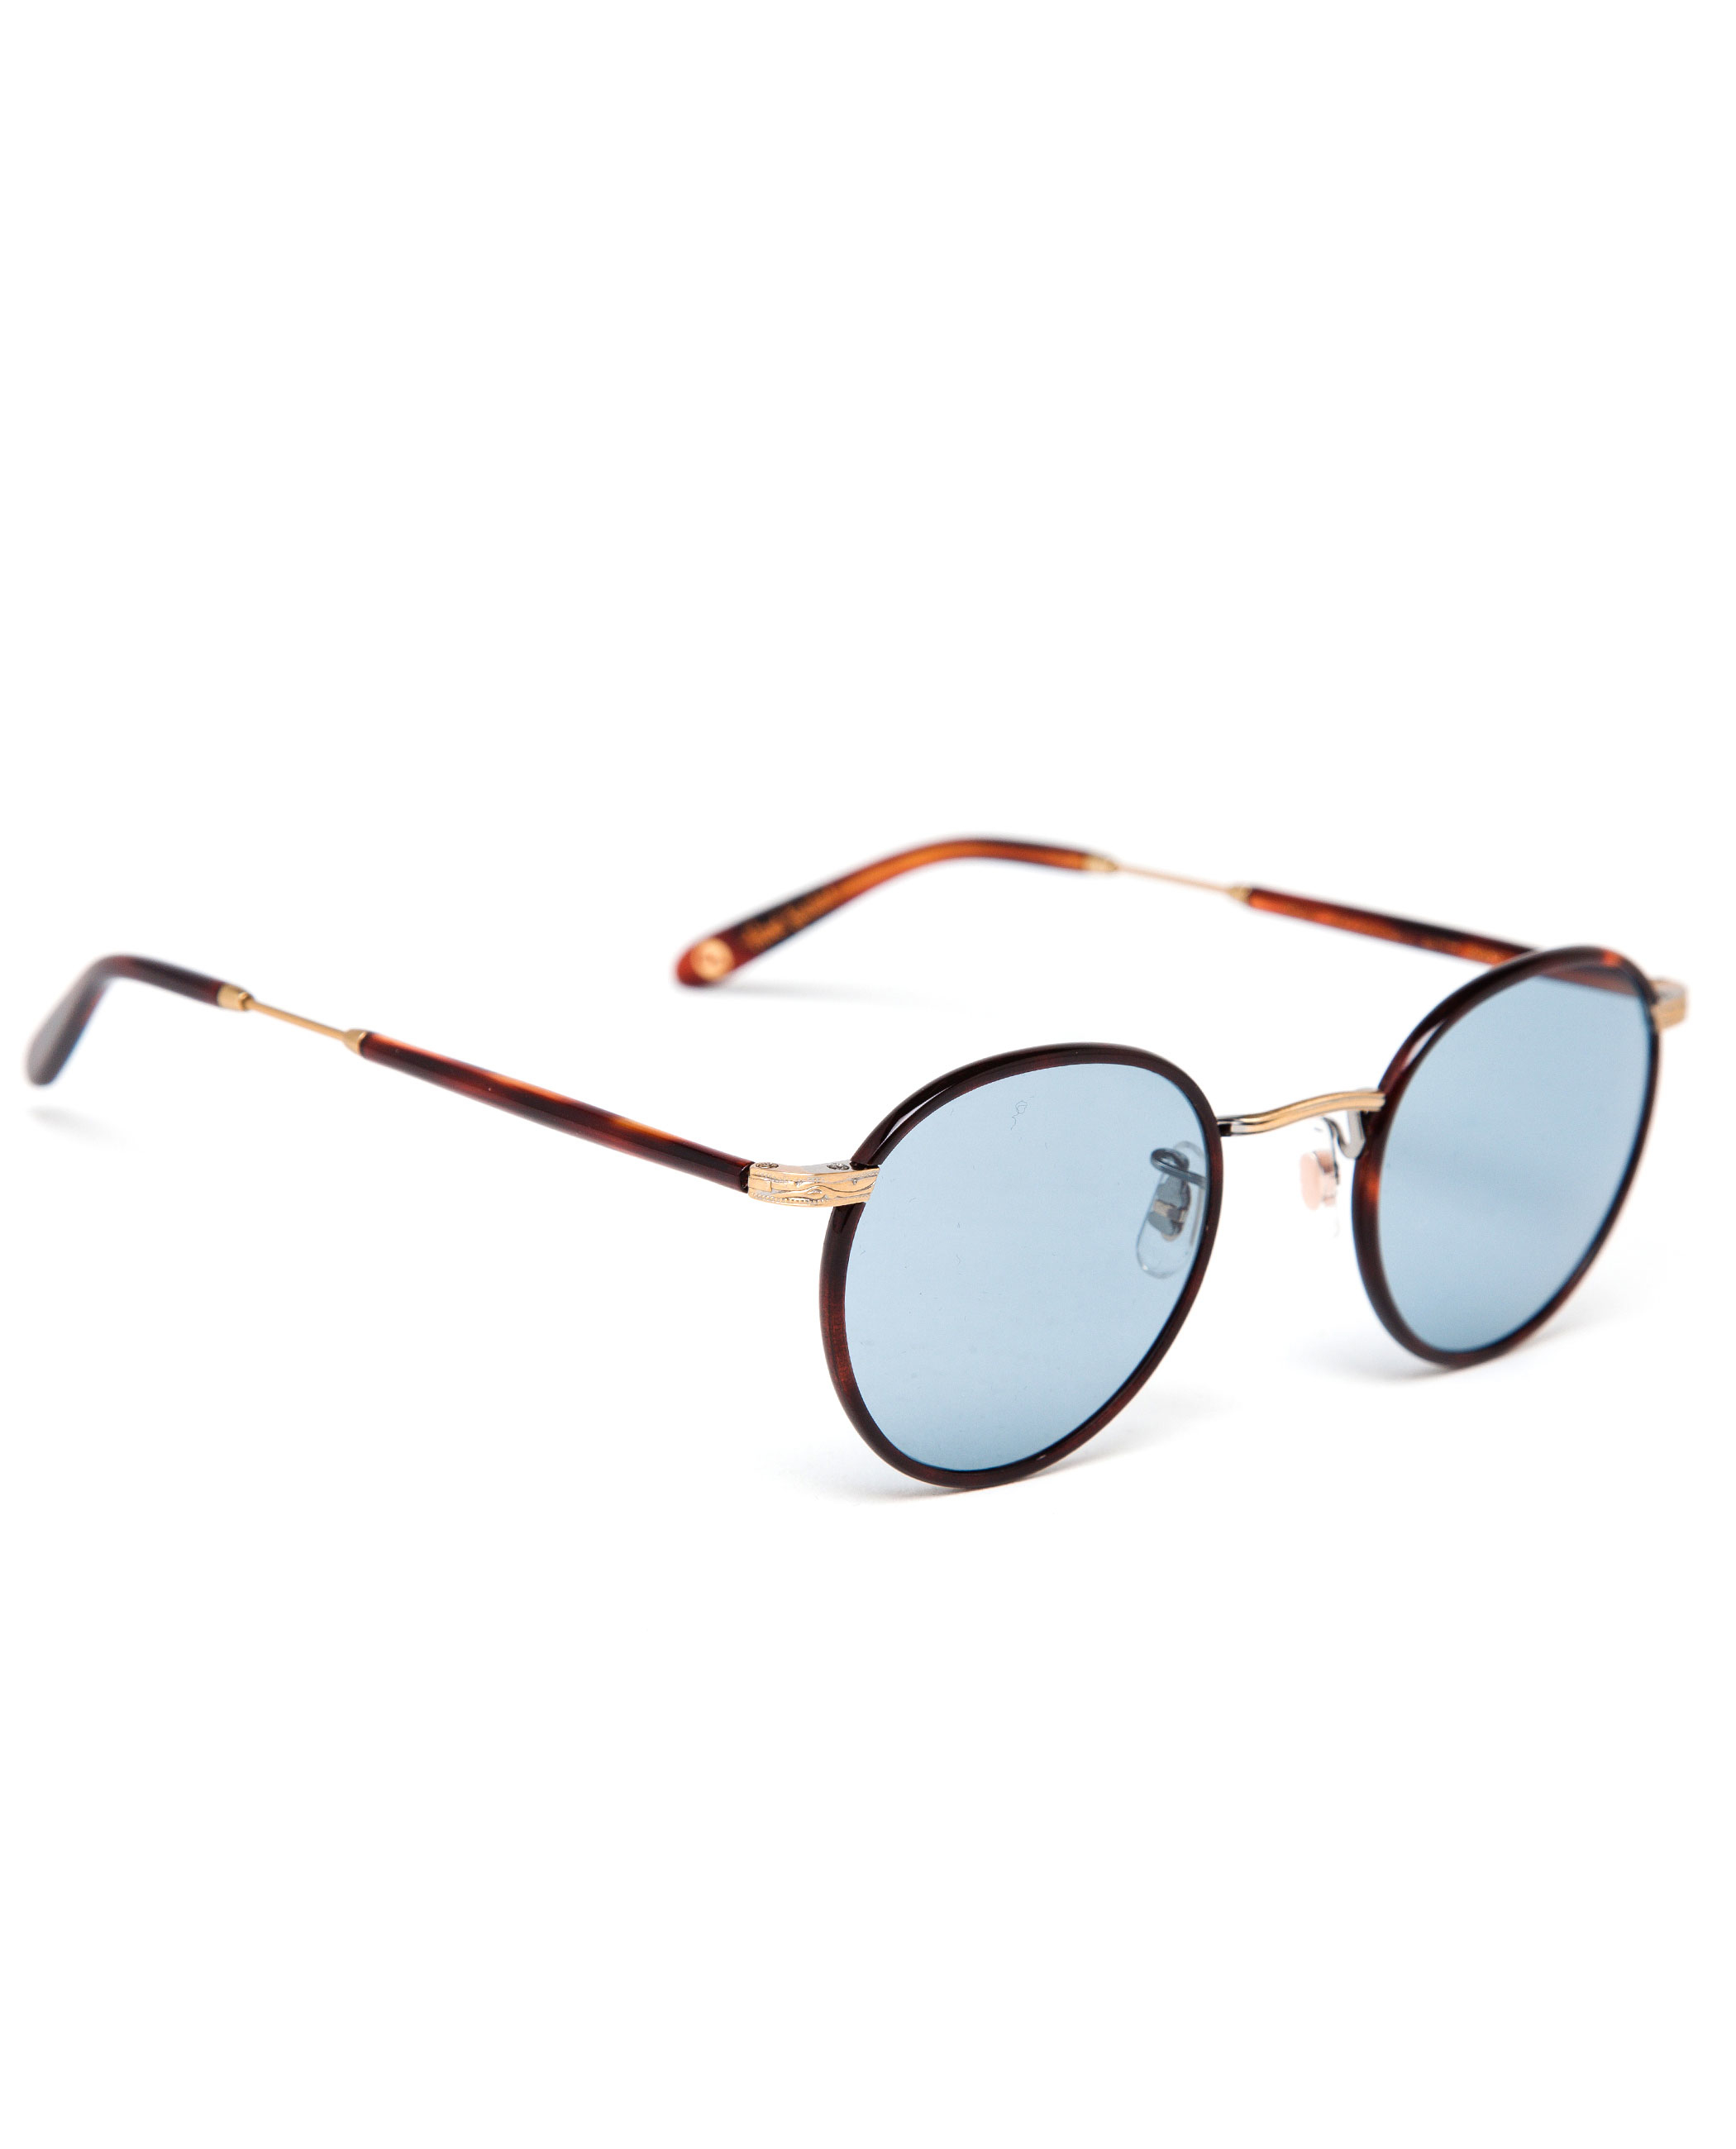 Garrett Leight Tortoiseshell Round Wilson Sunglasses in Brown for Men